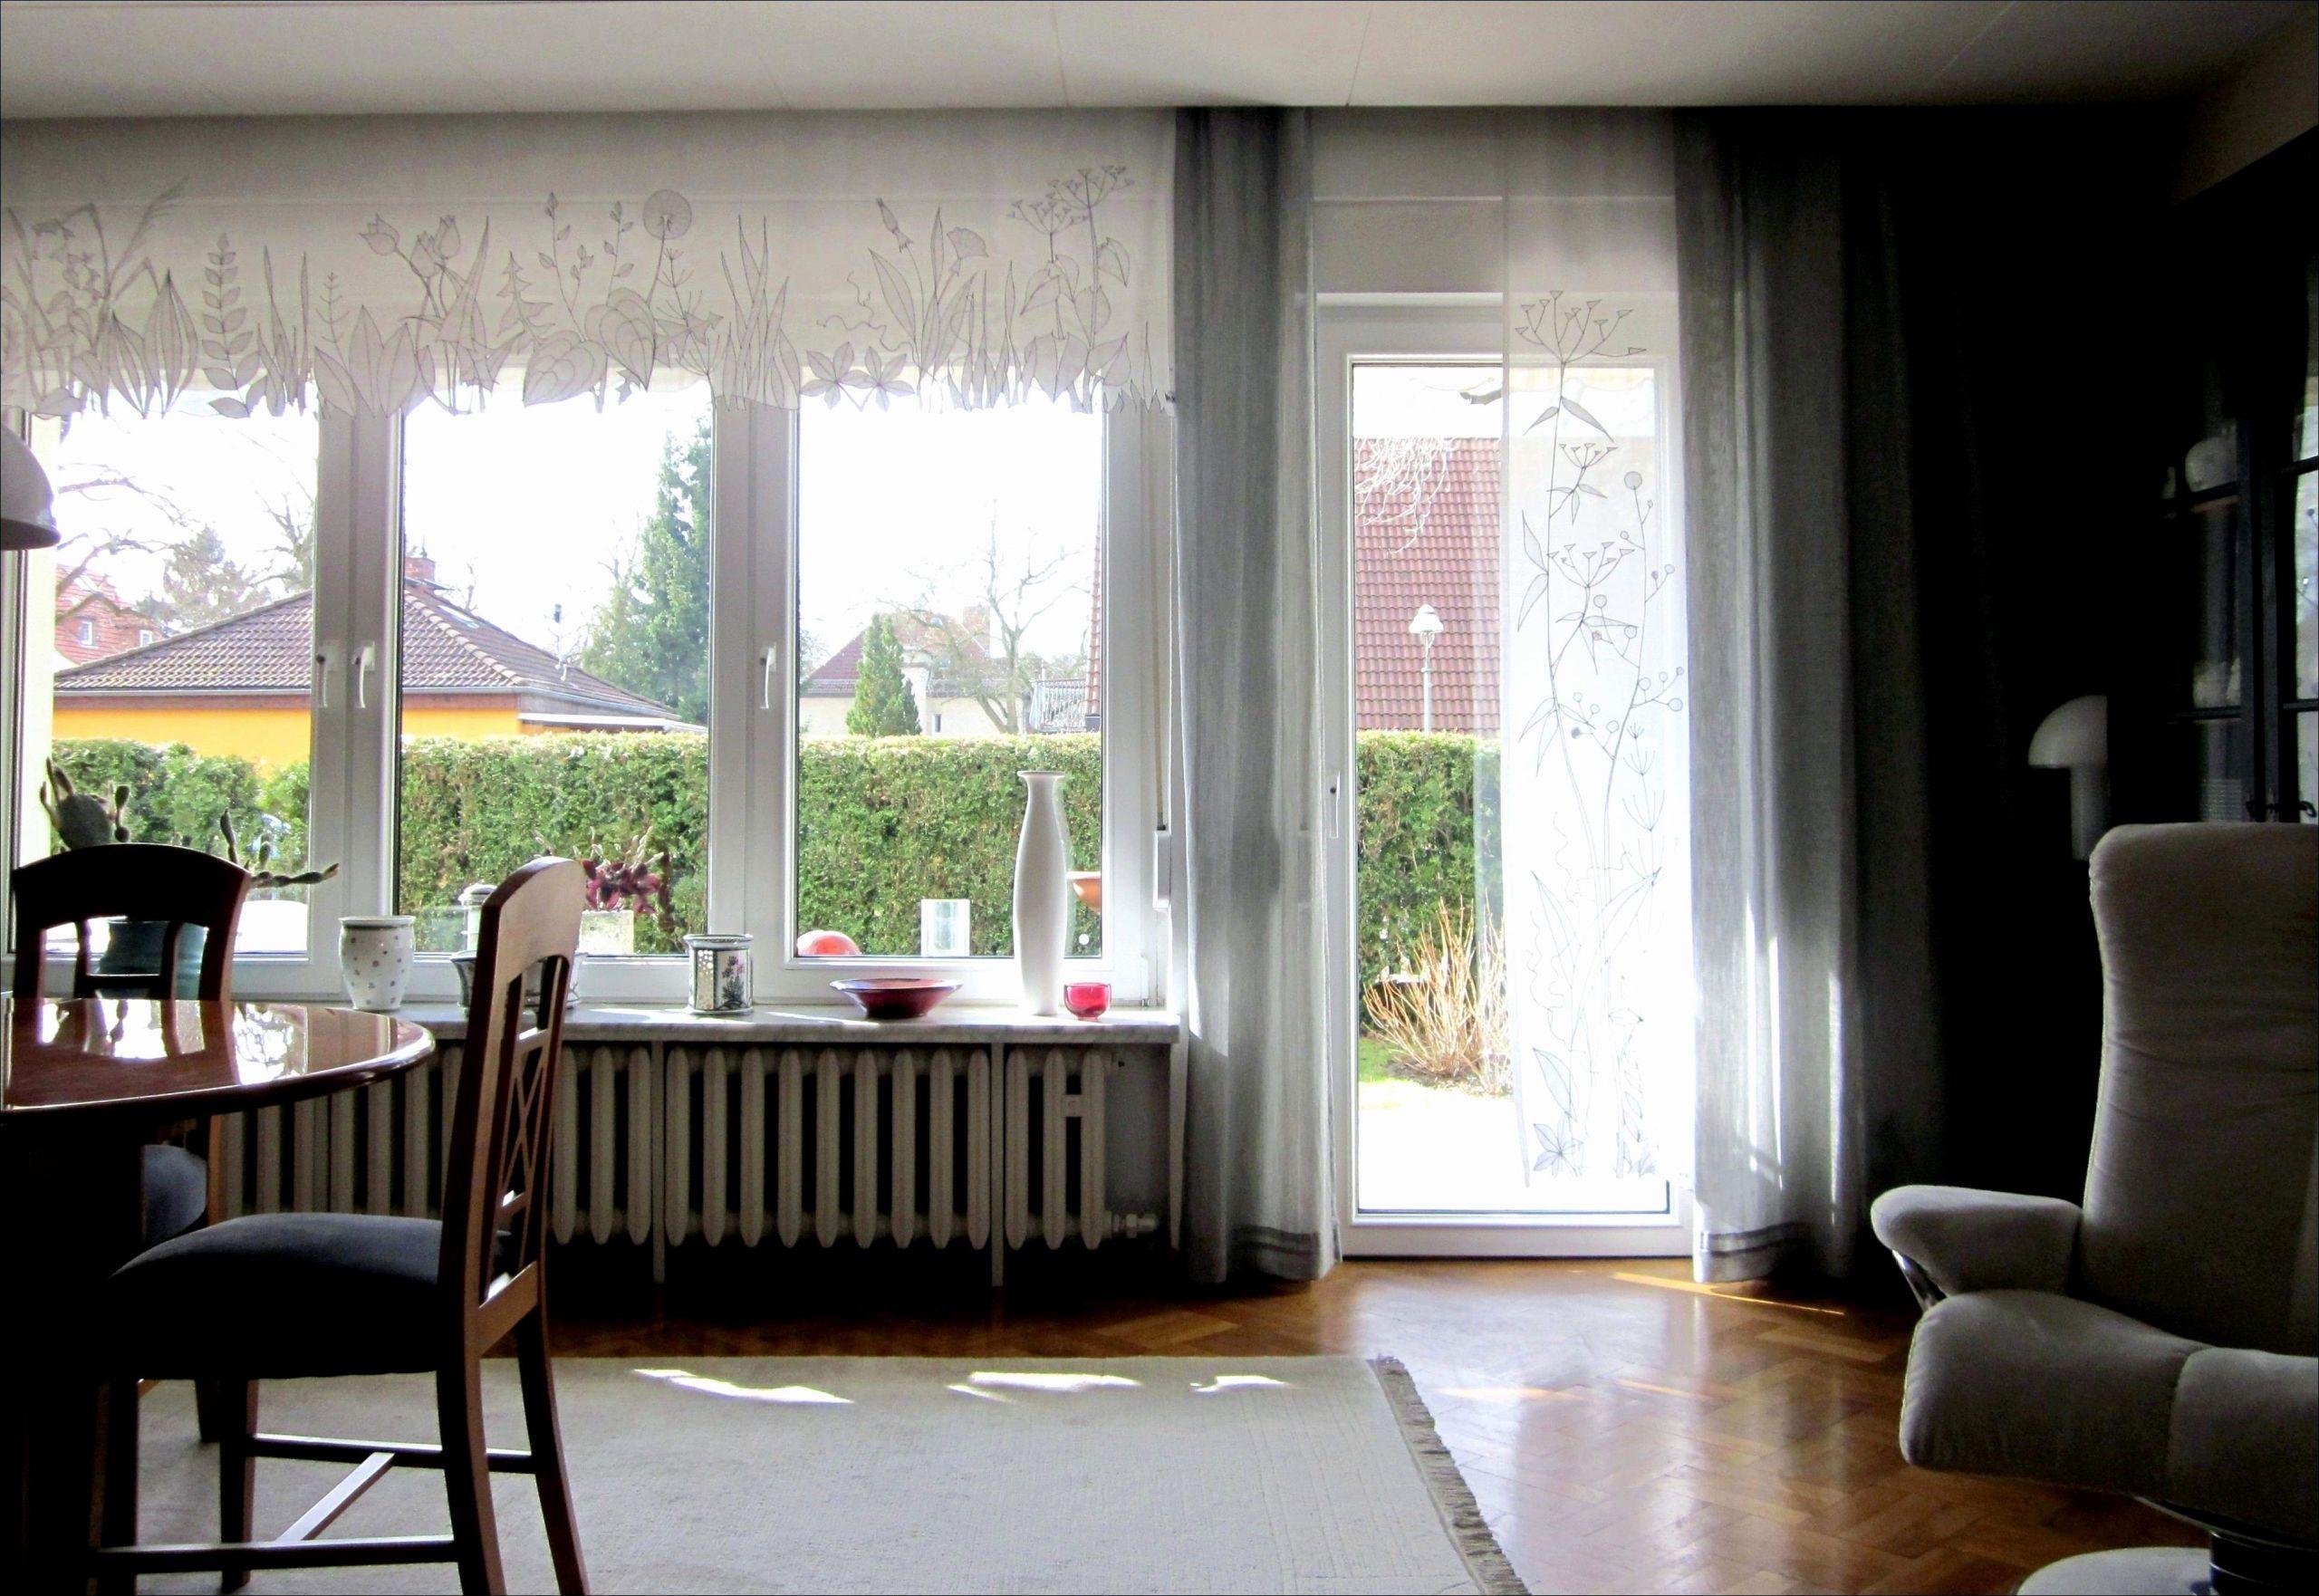 Full Size of Gardinen Wohnzimmer Kurz Neu Kurze Ideen Tipps Schlafzimmer Für Küche Die Scheibengardinen Fenster Wohnzimmer Kurze Gardinen